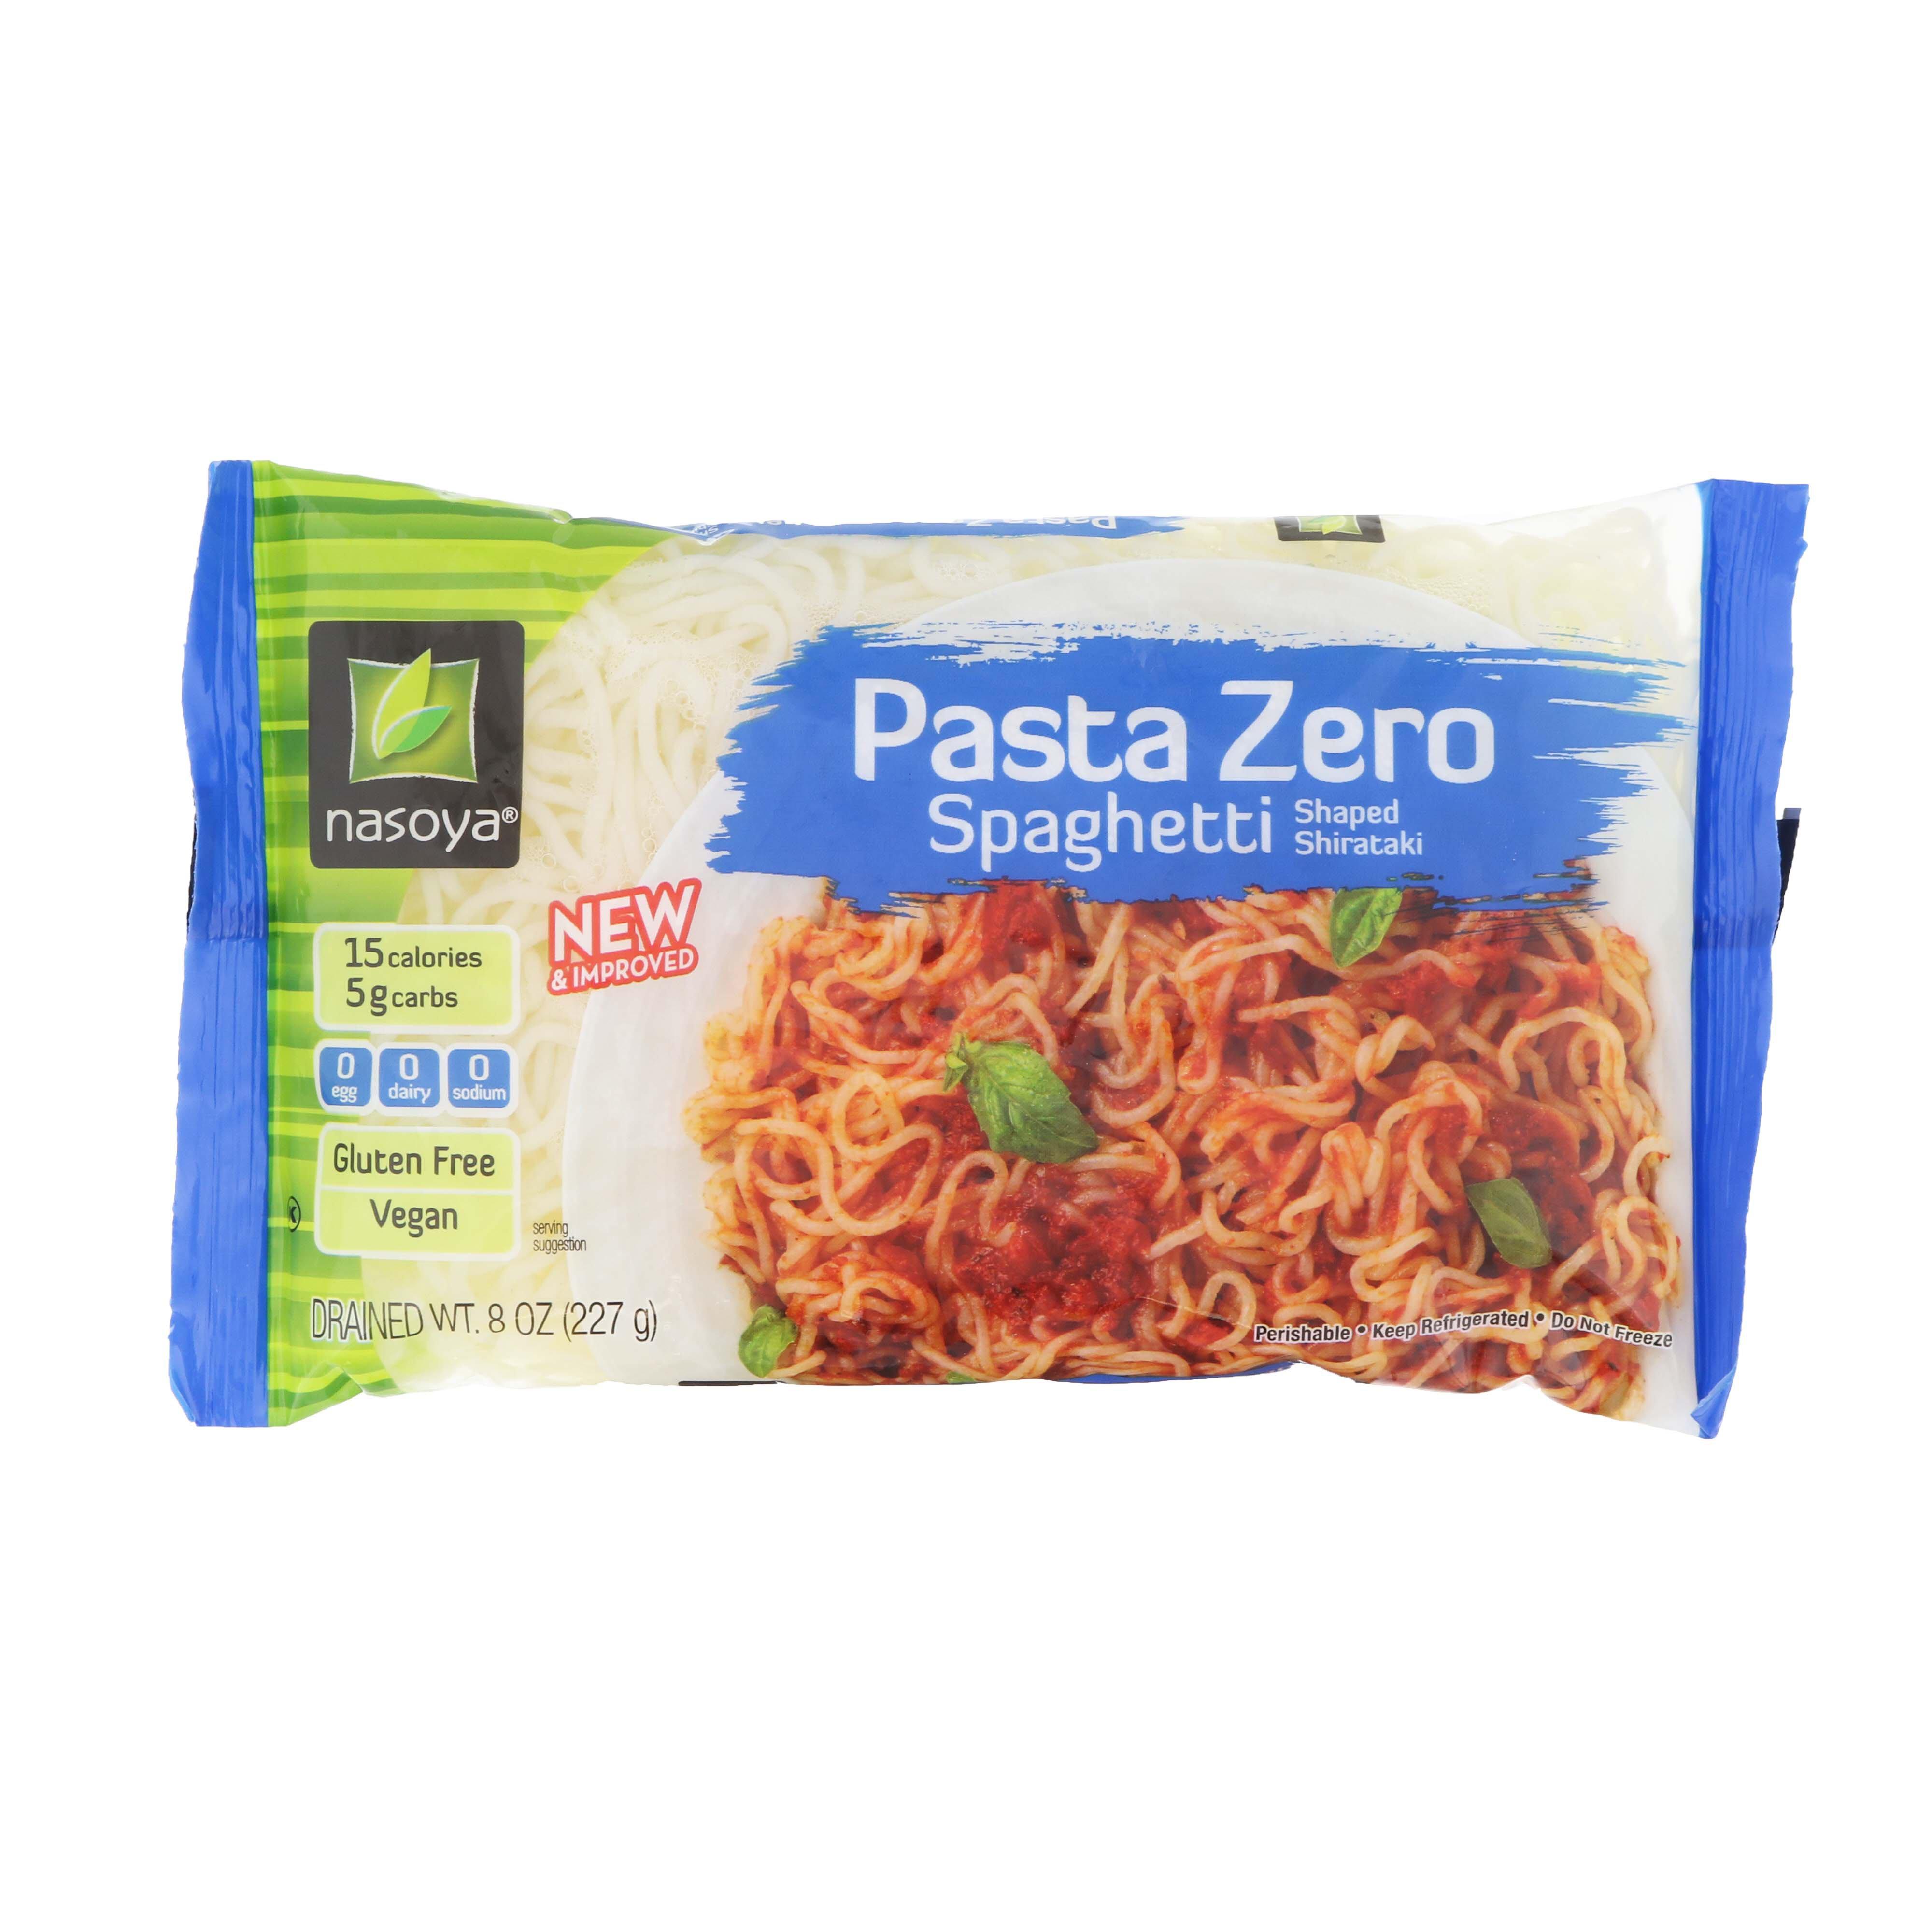 Nasoya Pasta Zero Pasta Zero Shirataki Spaghetti Shop Tofu Meat Alternatives At H E B